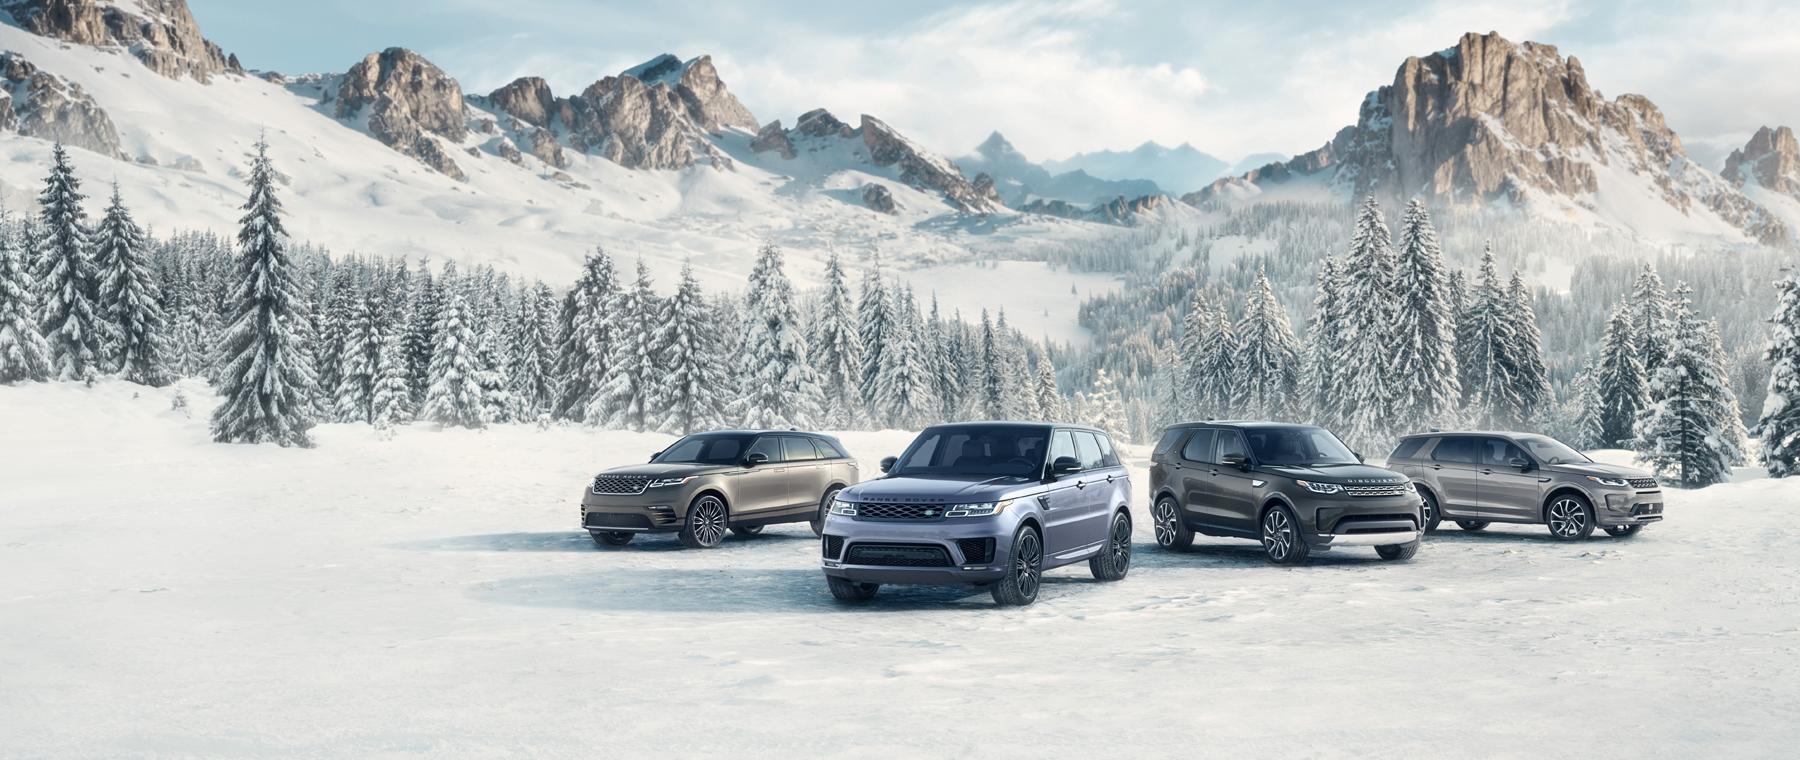 Land Rover Ocala